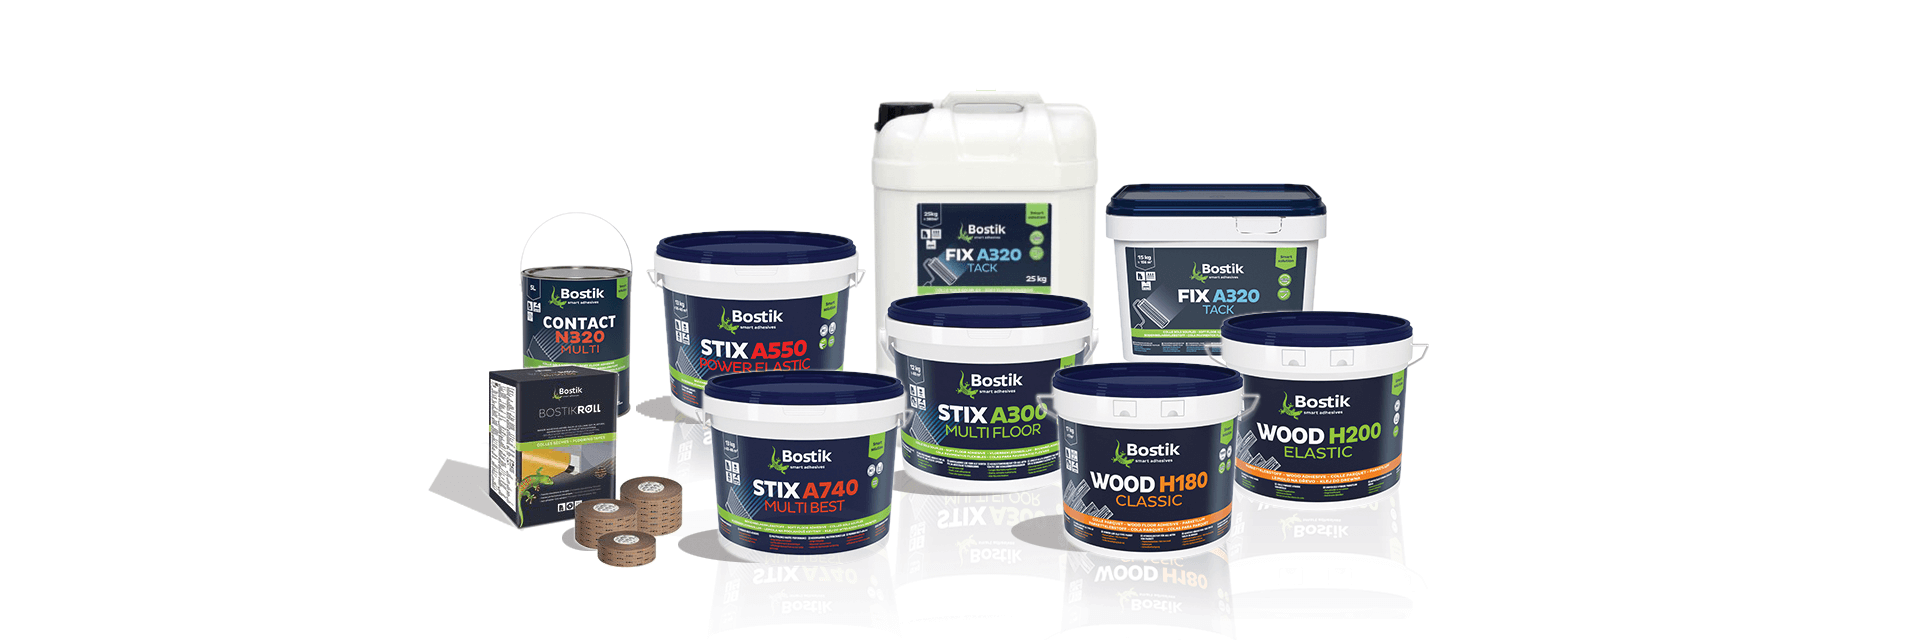 Bostik-flooring-adhesives-product-range-image